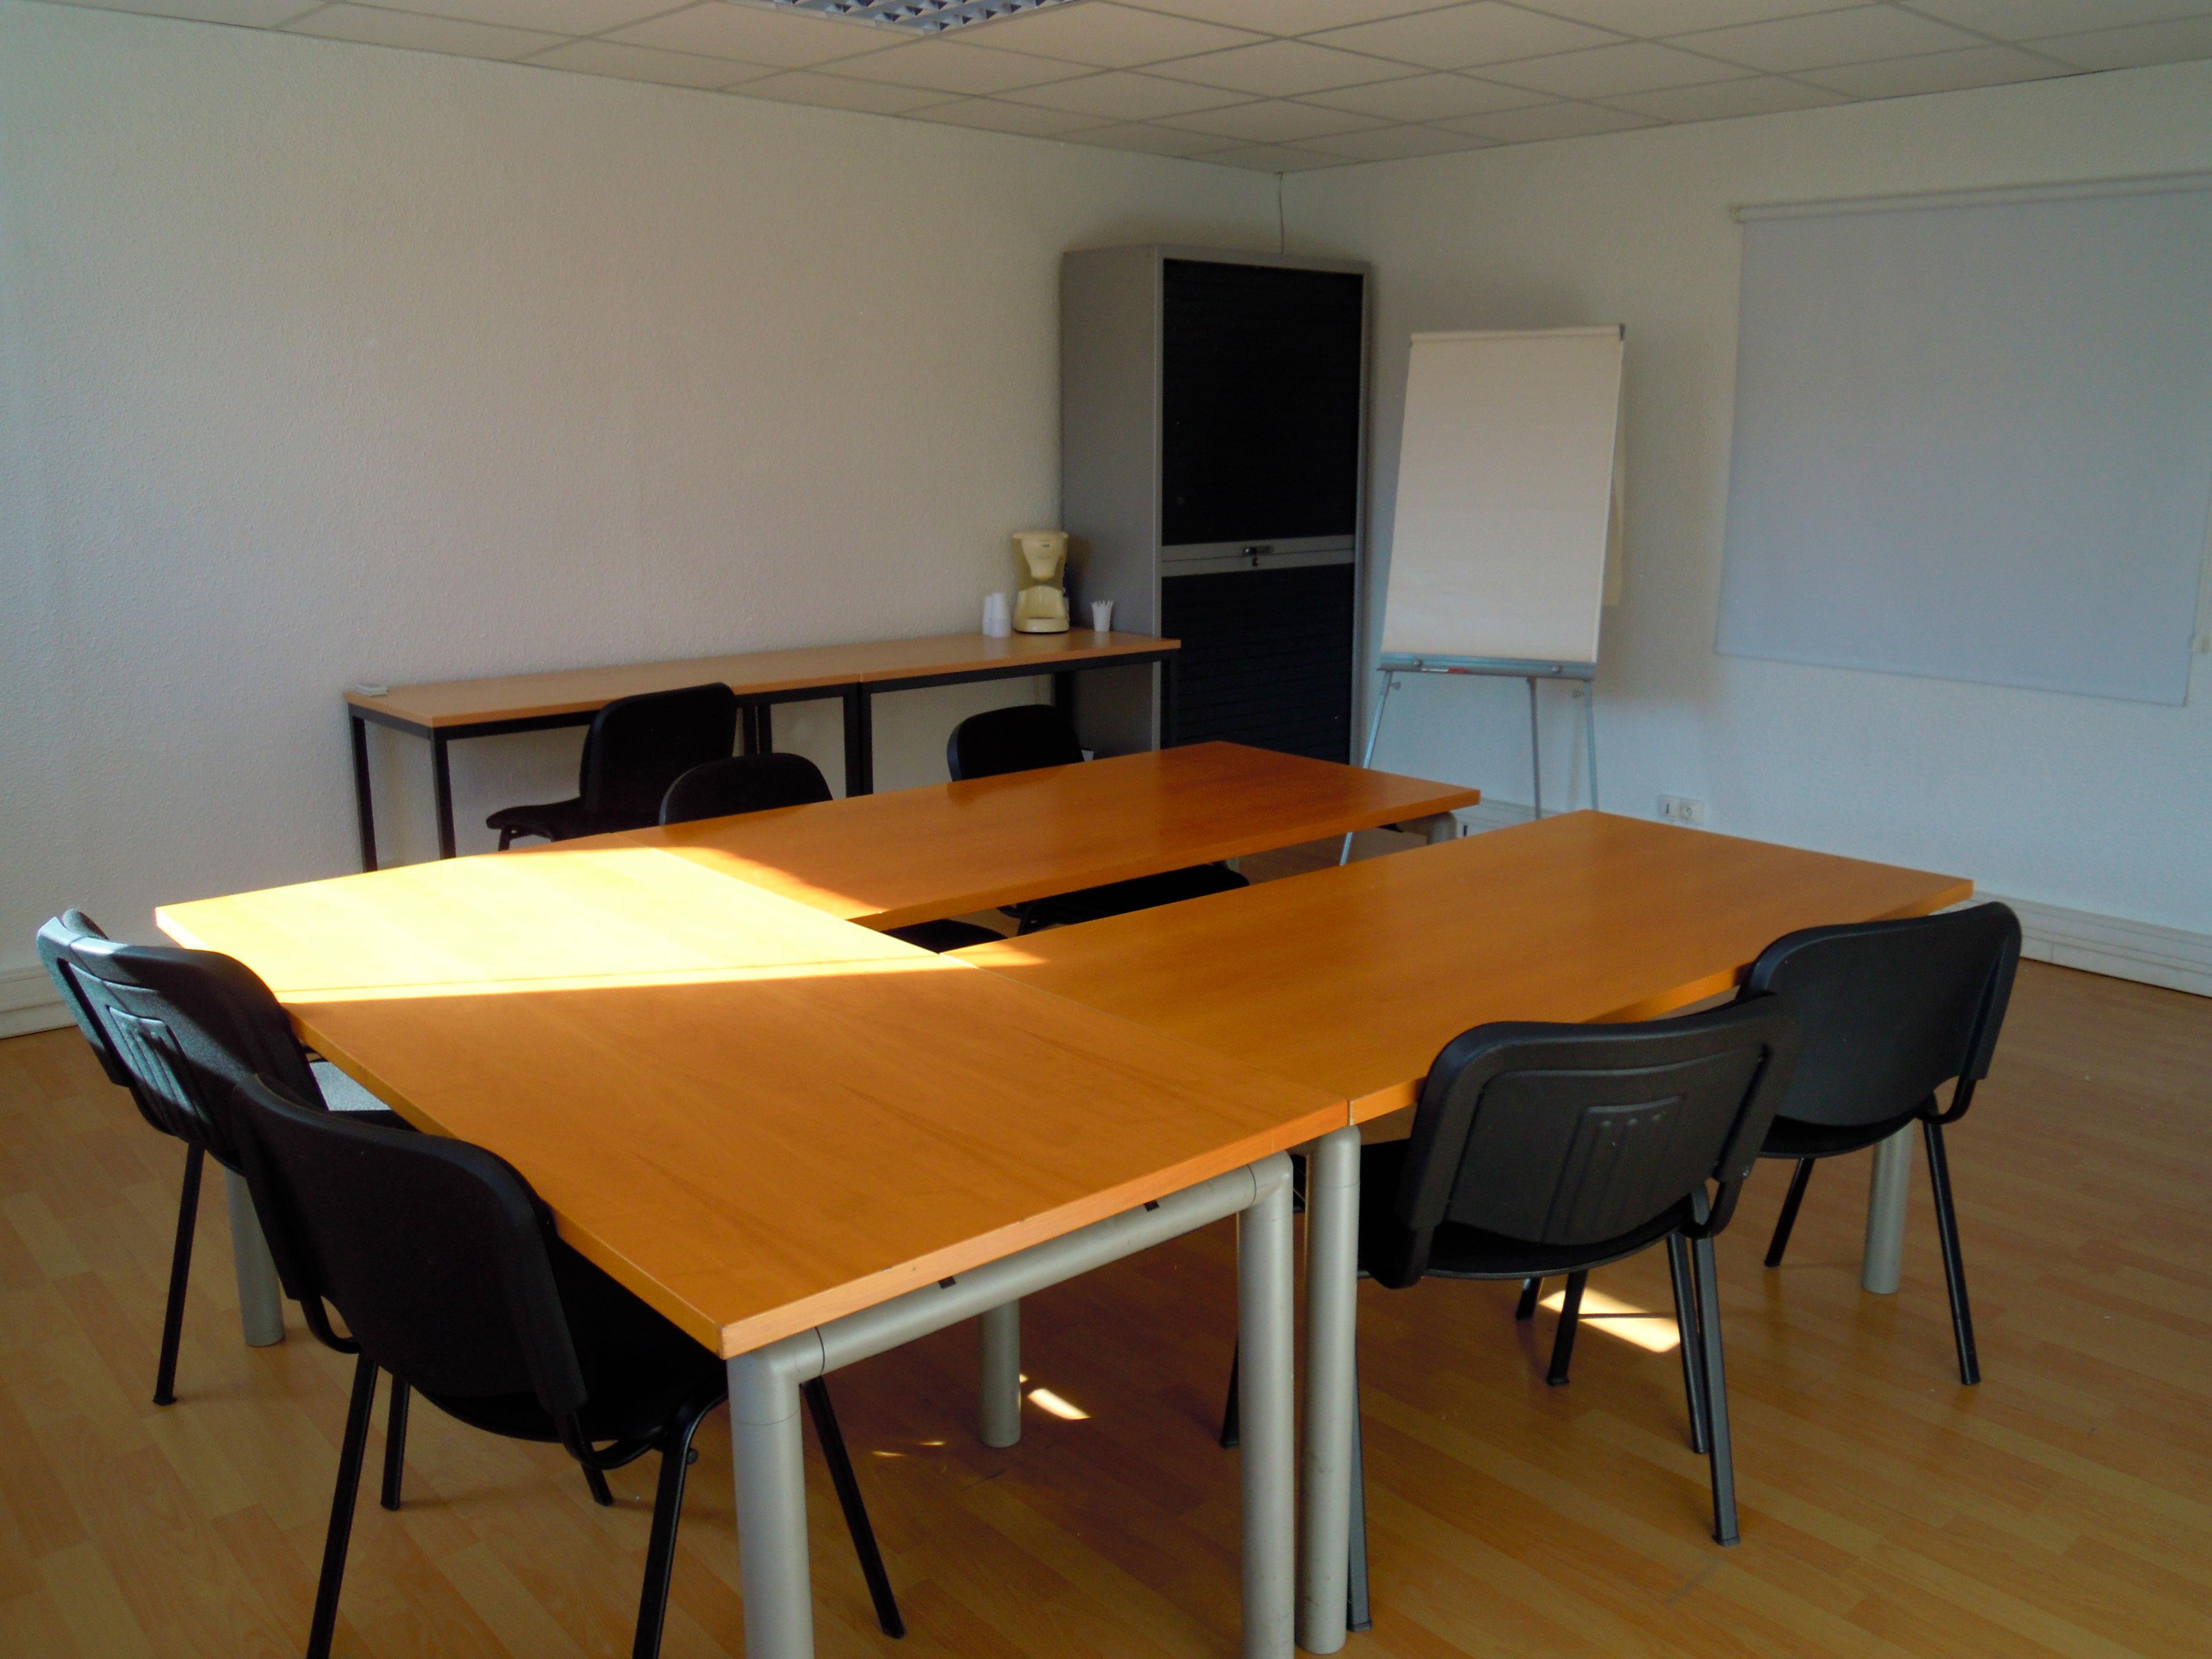 Salle Samouraï 3 modif 1 - Location de salles de réunion